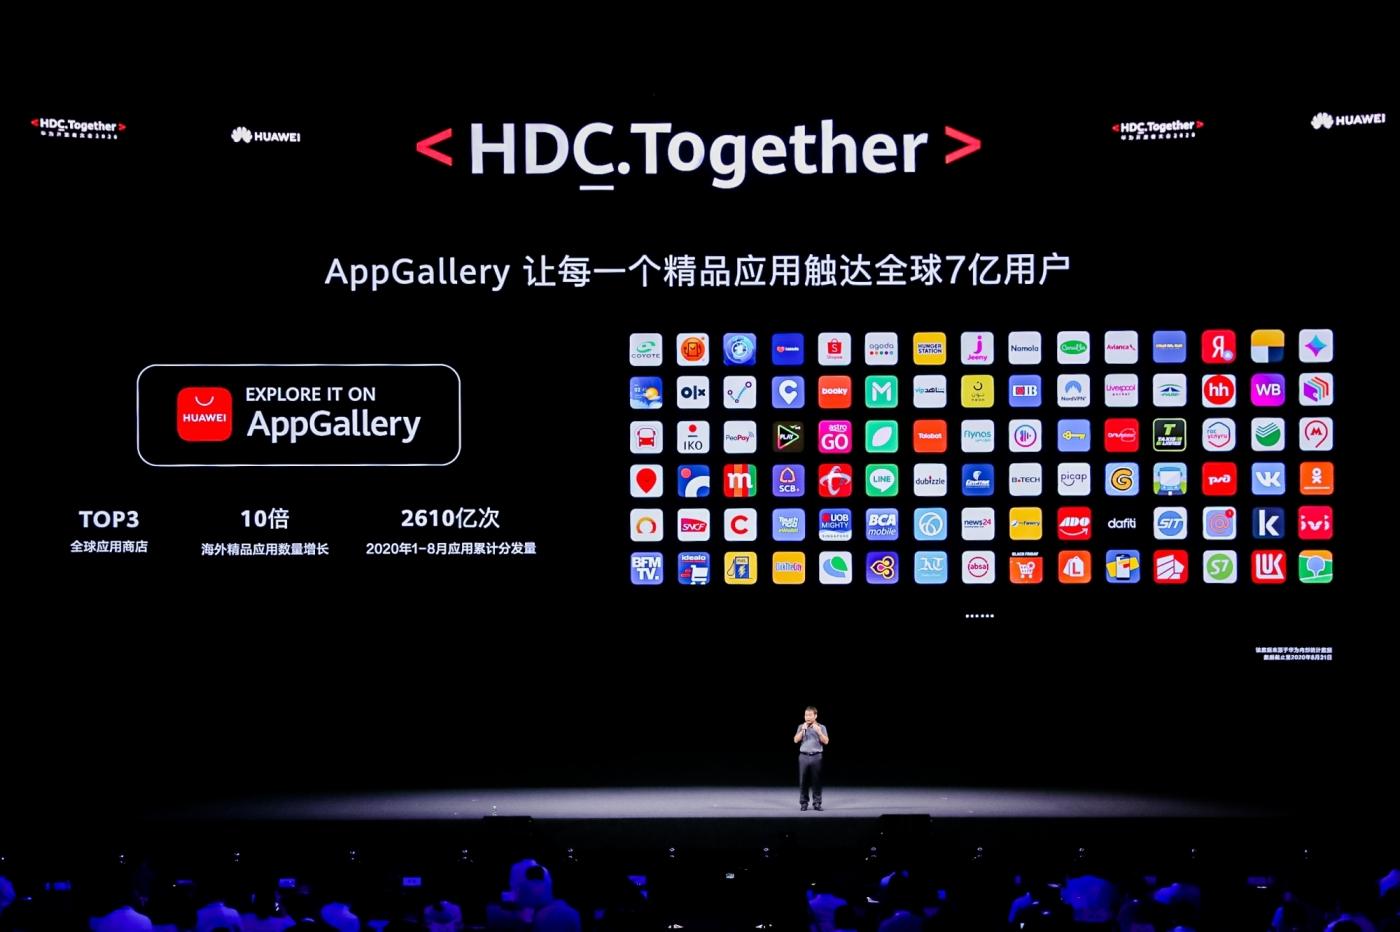 禁令前仍持續更新,華為手機明年全面採用「鴻蒙2.0」!但沒了心臟還能撐多久?